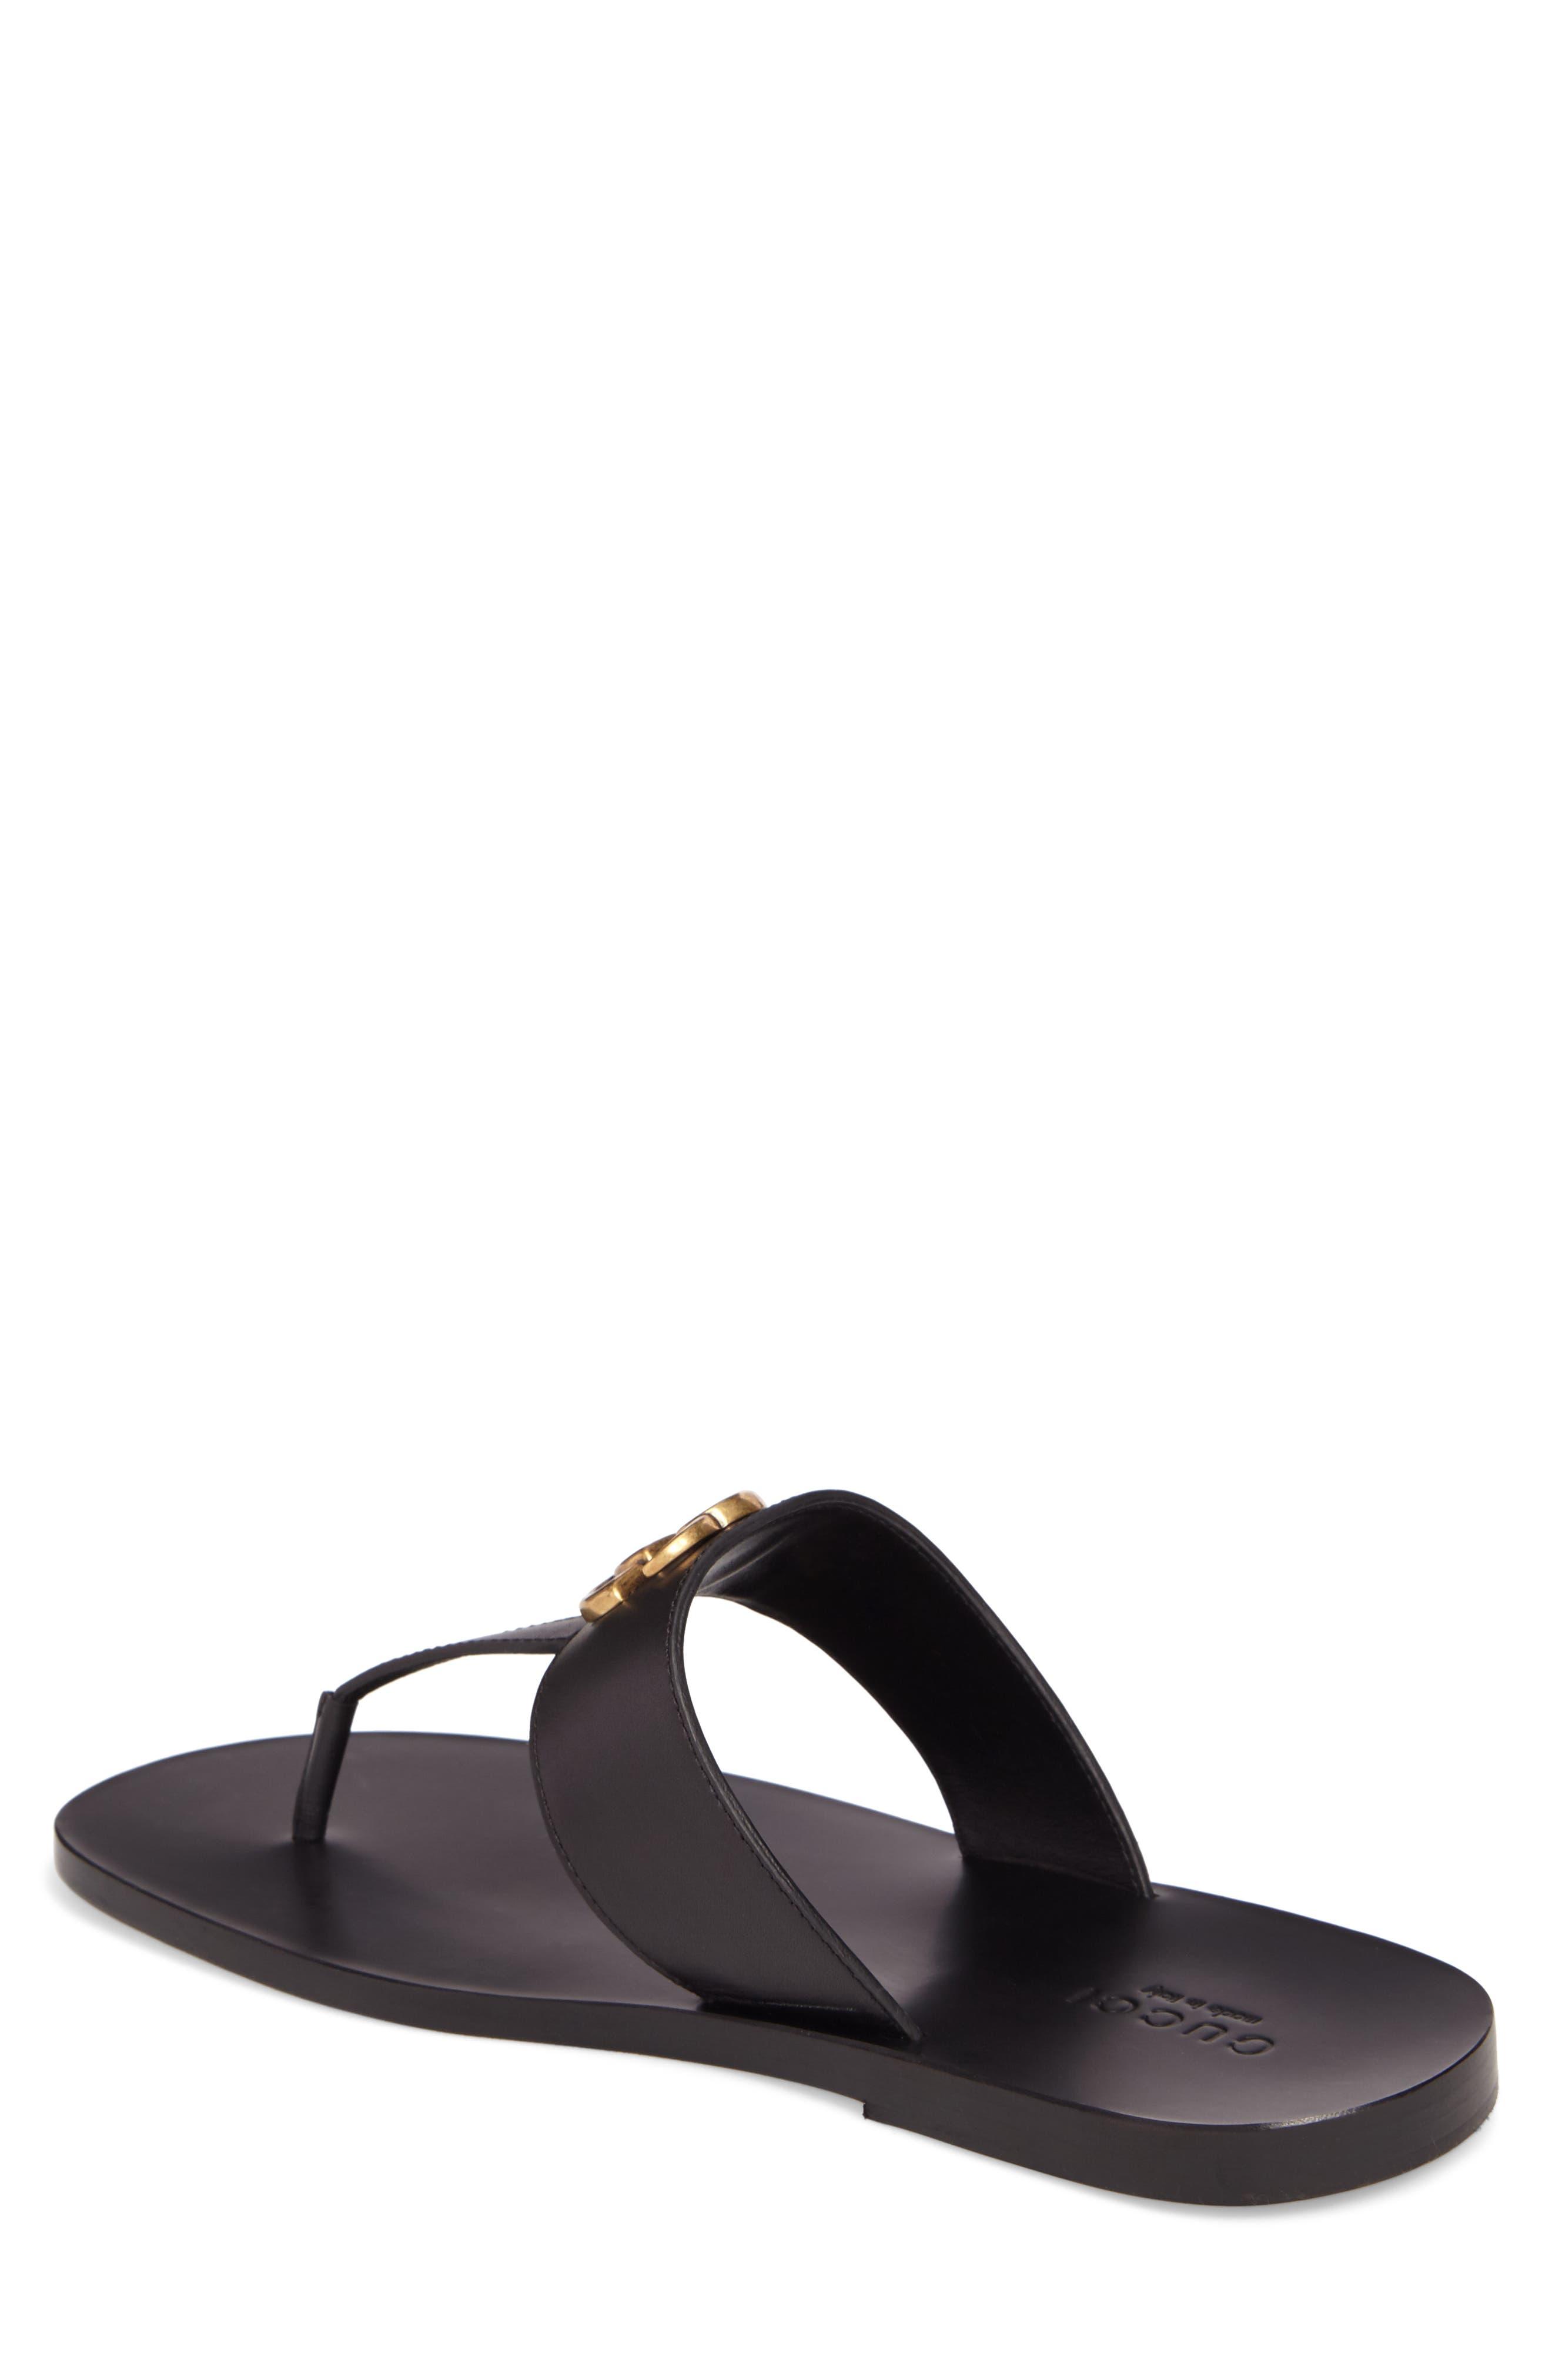 0d232113d76f14 Men s Gucci Sandals